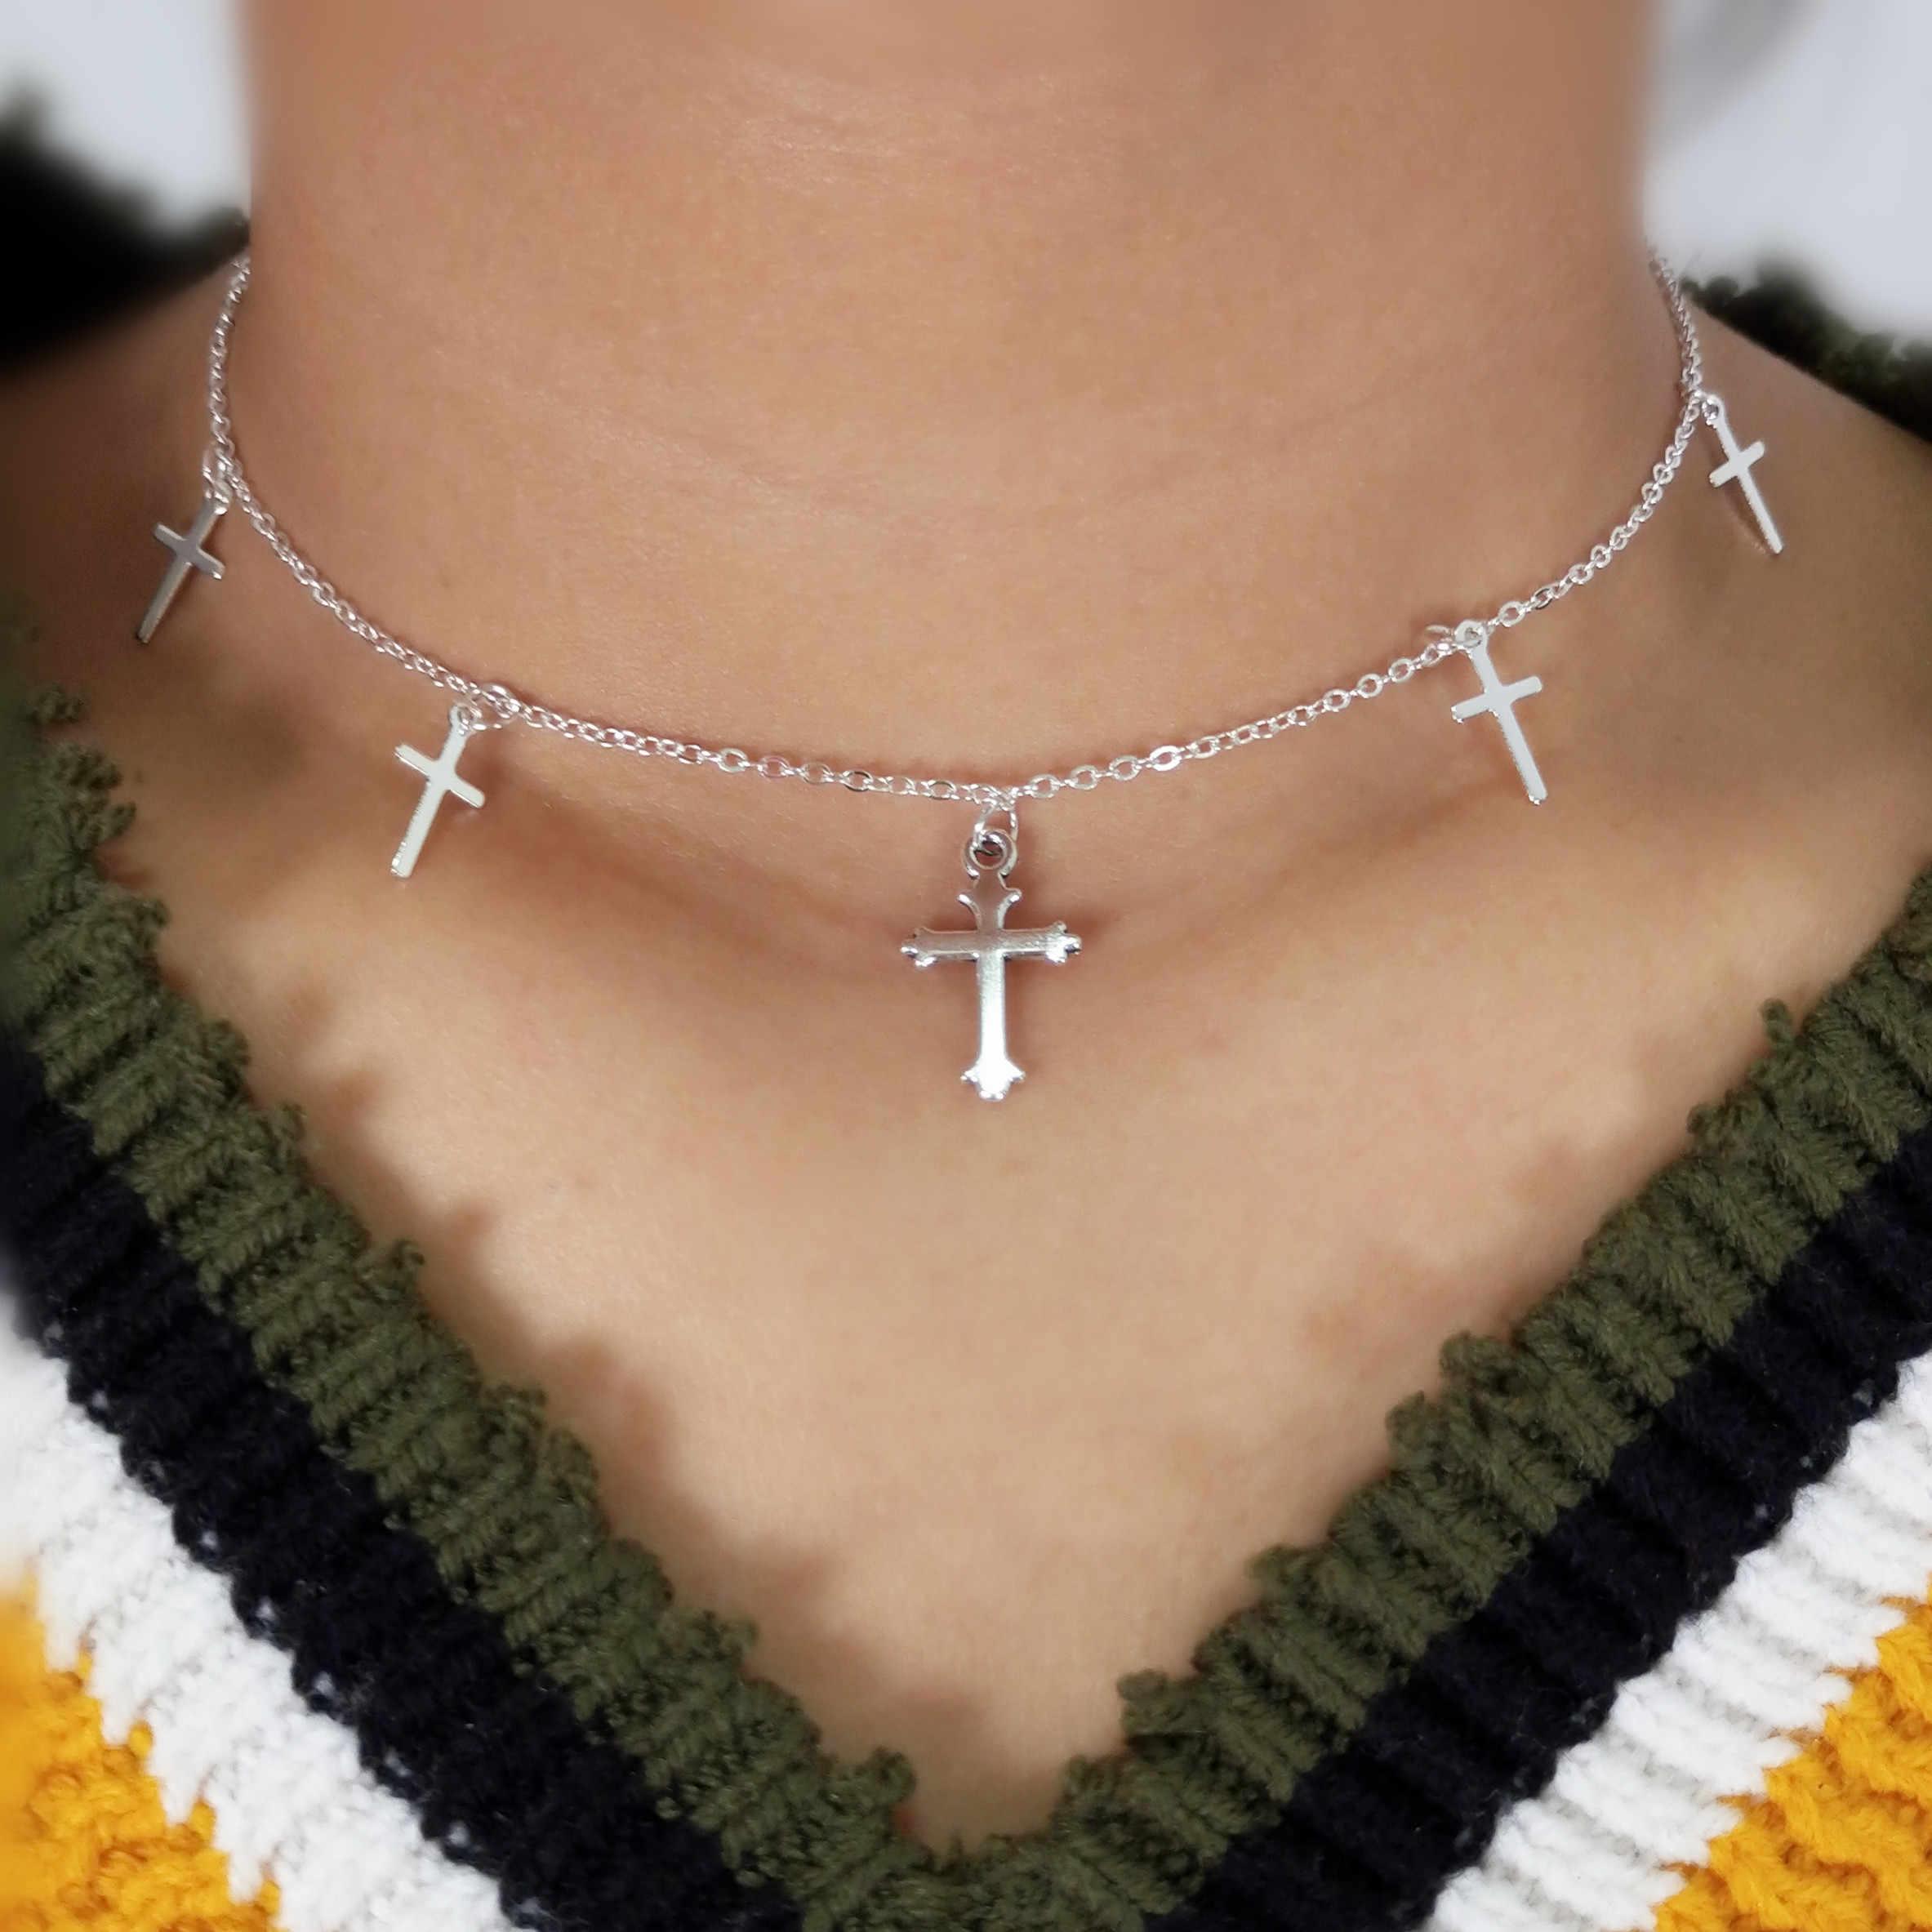 Argento Croce di Colore Collane & Pendenti con gemme e perle per Le Donne Del Choker Clavicola Catena di Gioielleria Femme Bijoux Collares